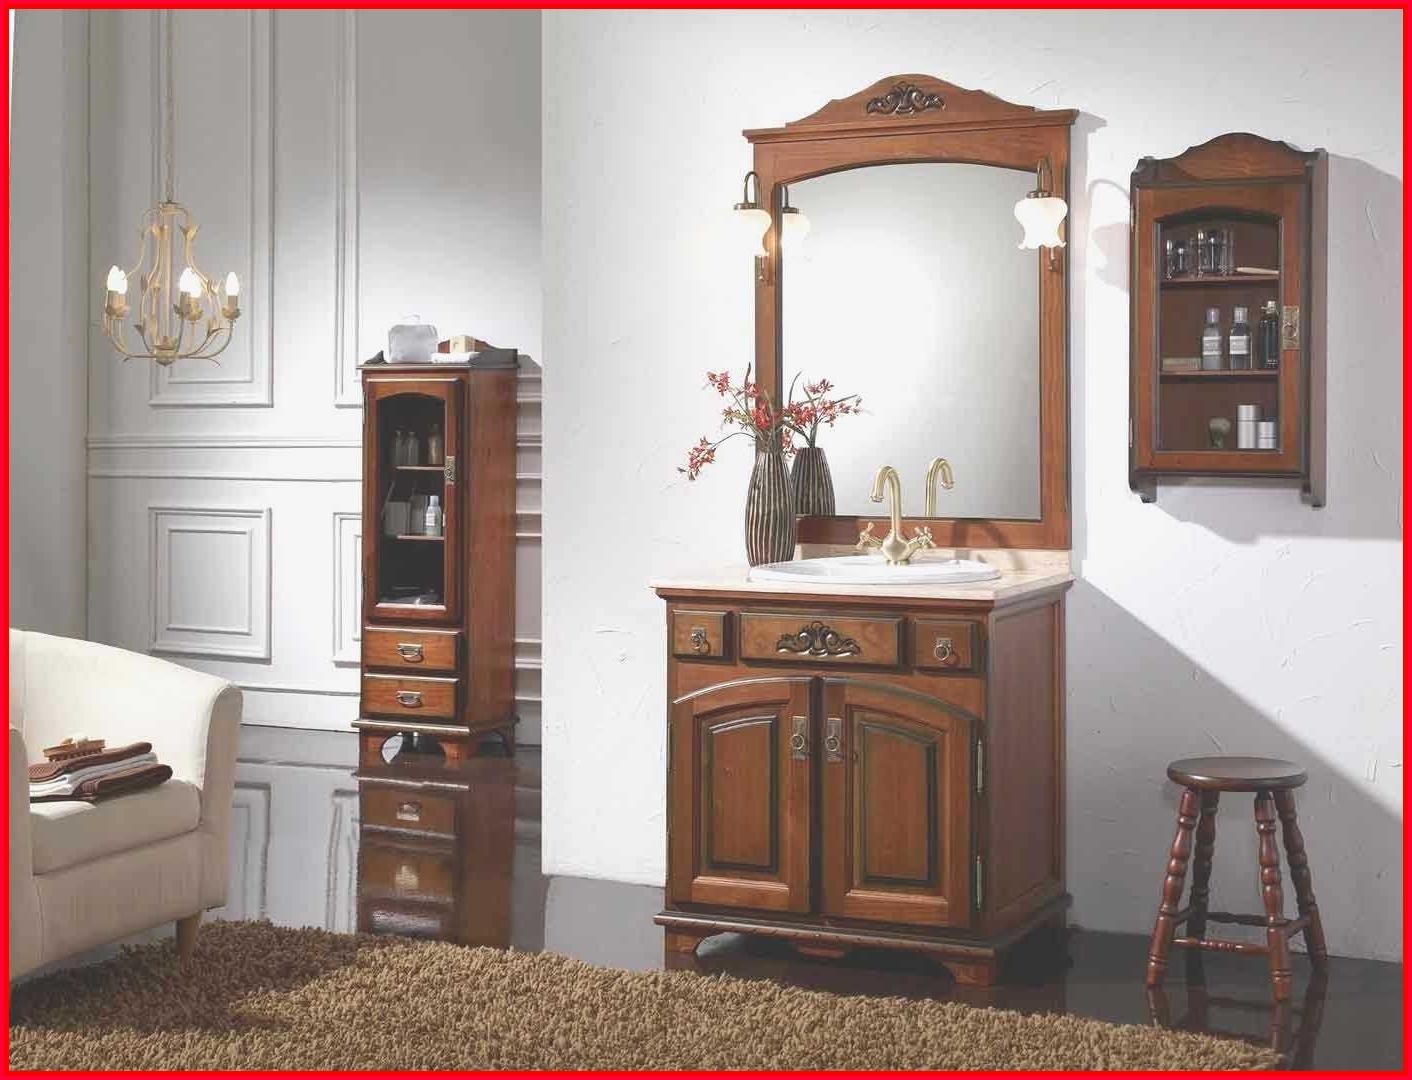 Muebles De Baño De Madera Irdz Muebles Baà O Madera Muebles De BaO Rustico Muebles Para Ba O